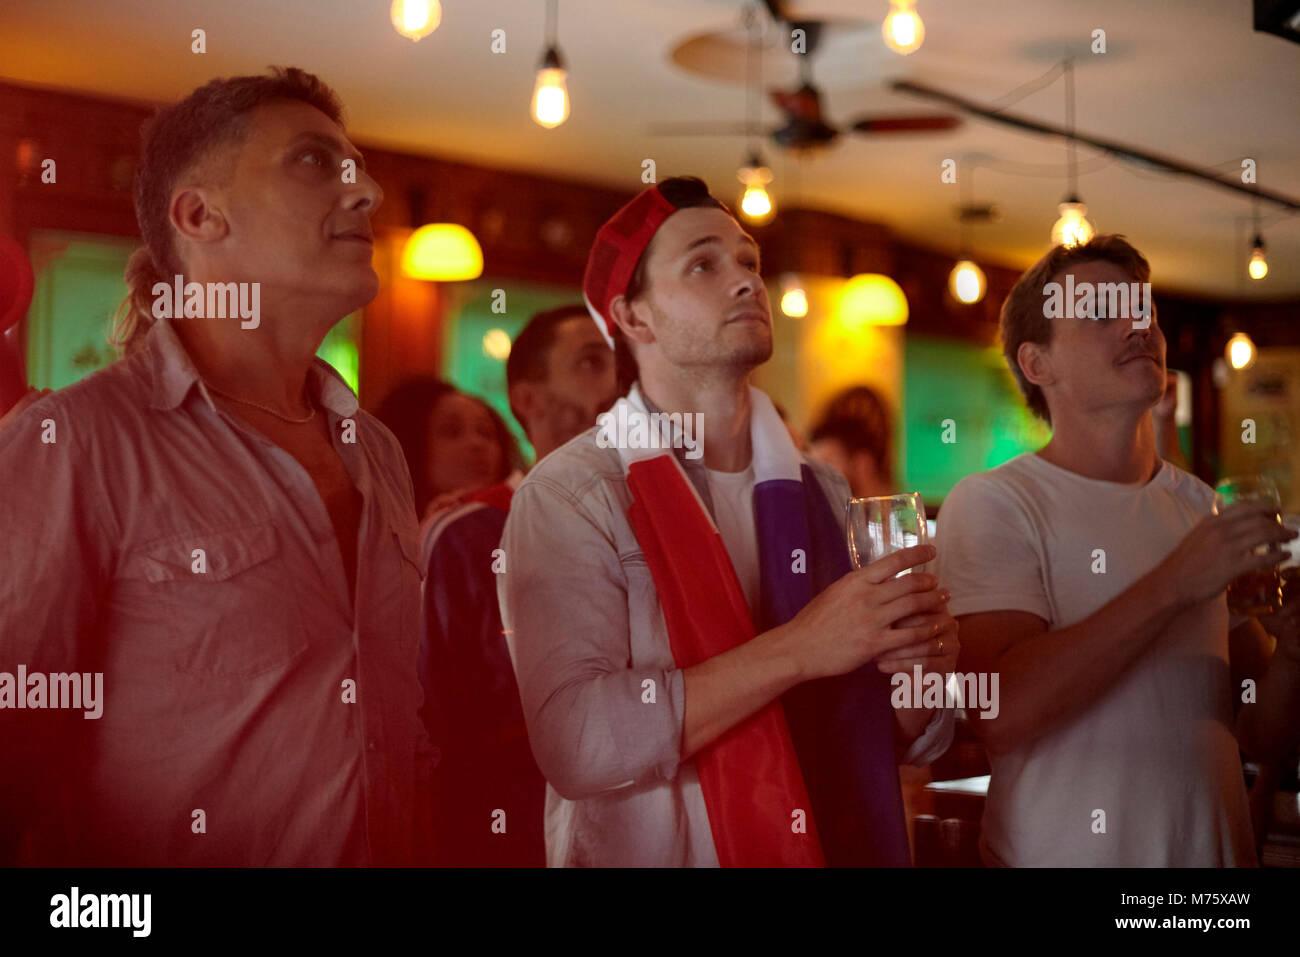 Französische Fußball-Fans auf Übereinstimmung in bar Stockbild